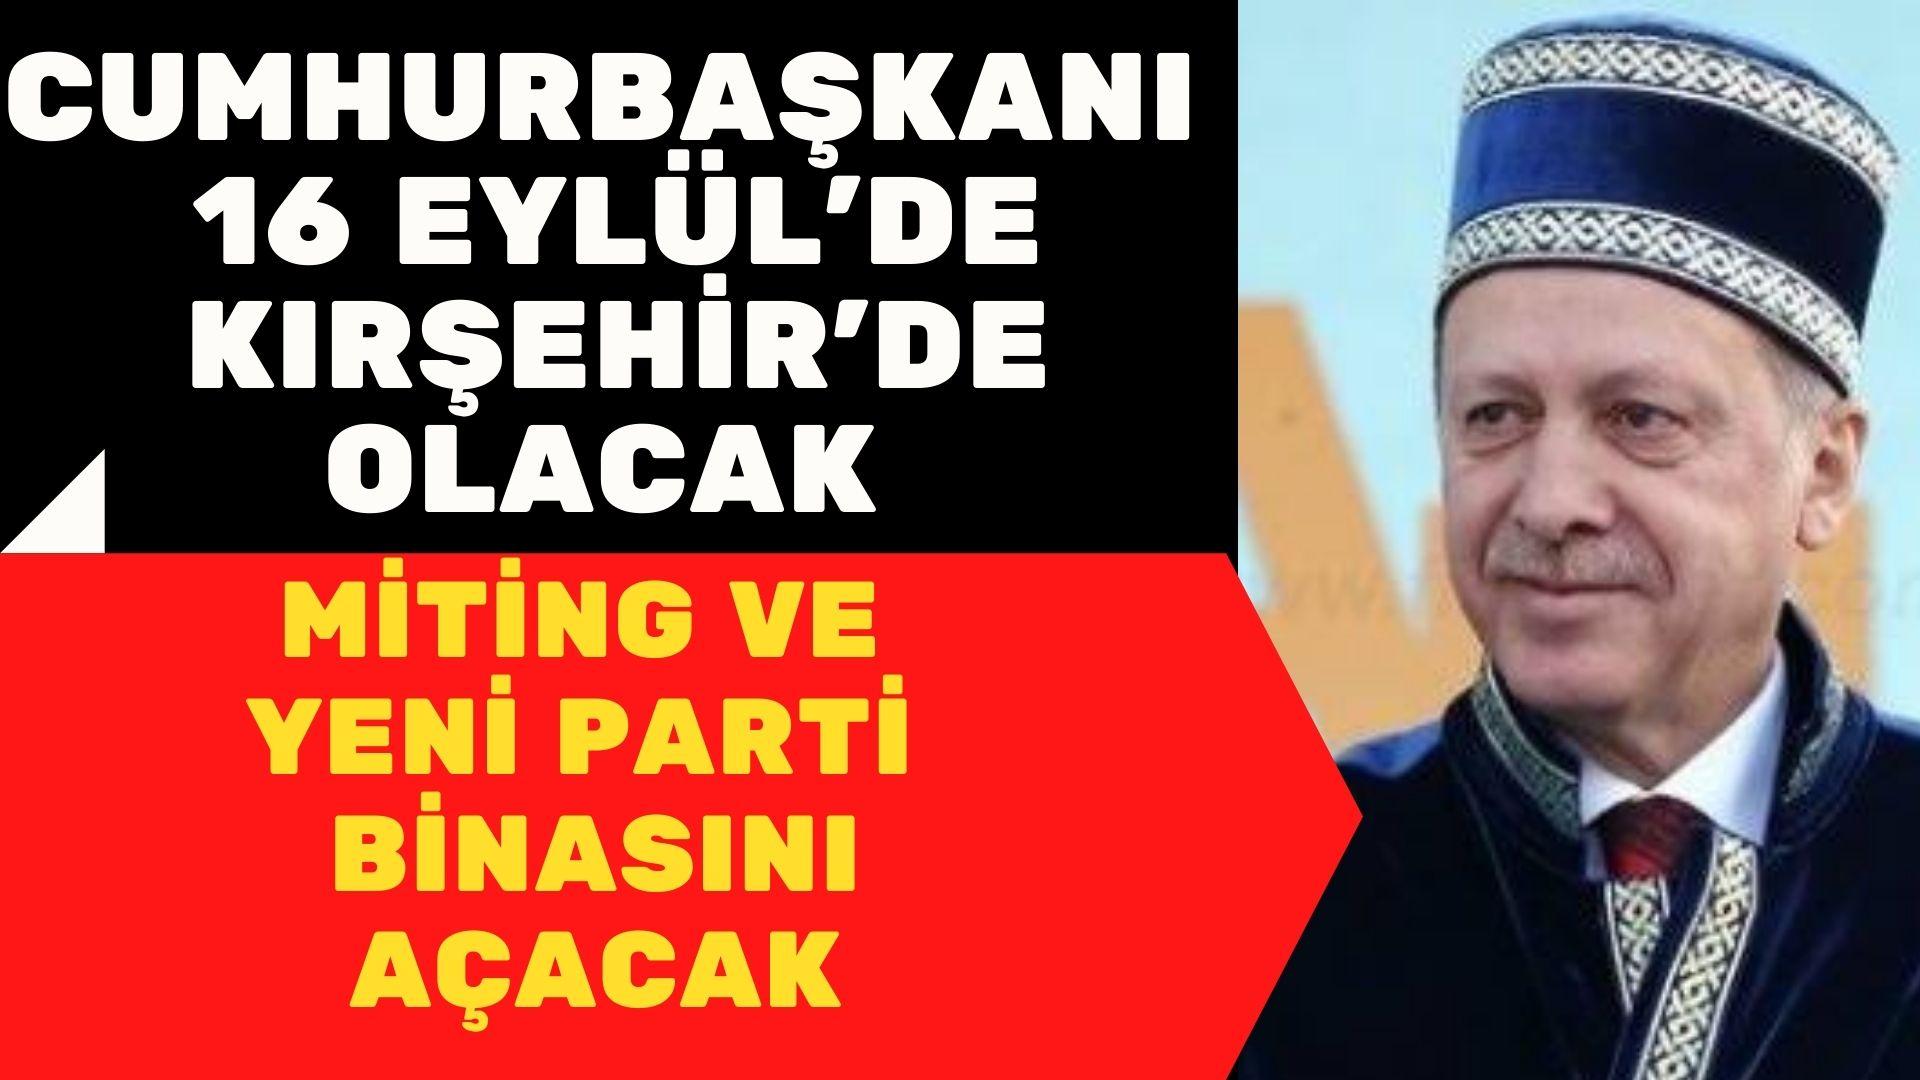 Cumhurbaşkanı Erdoğan Kırşehir'e geliyor